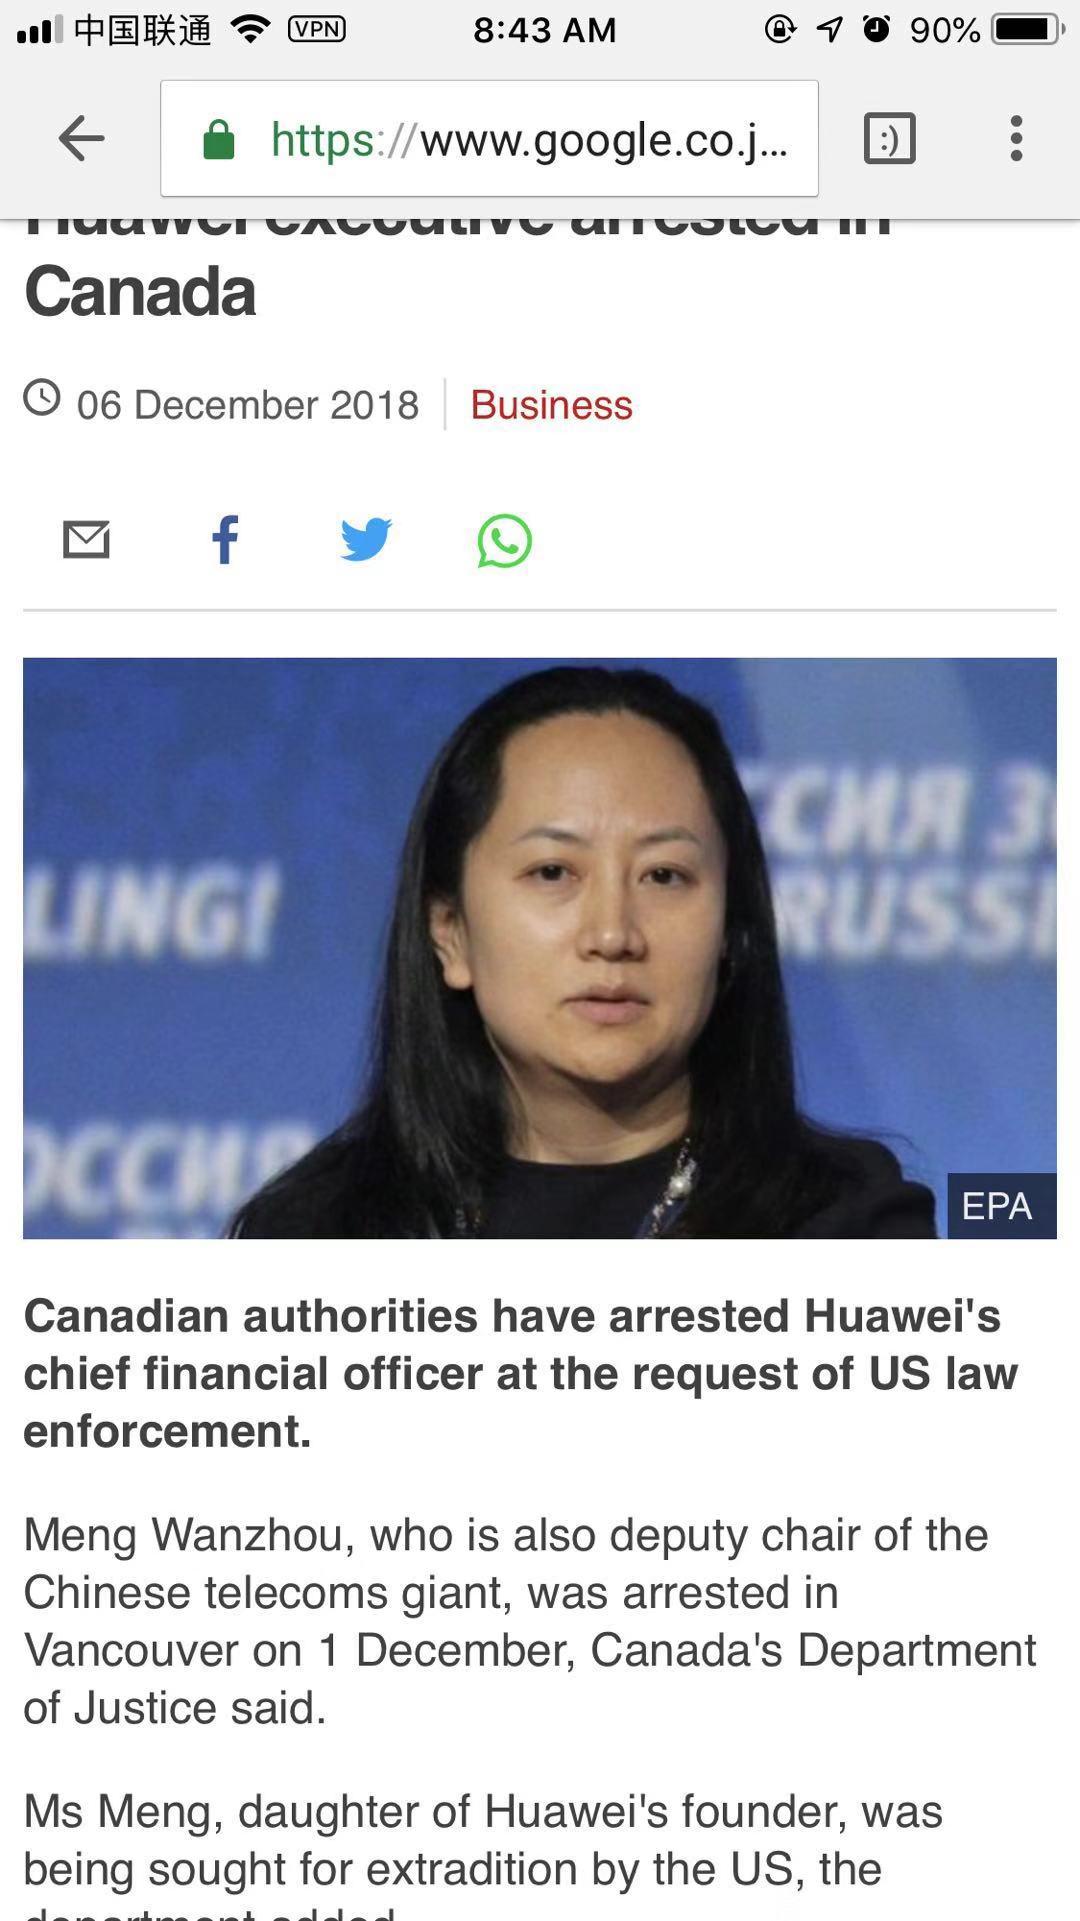 屈辱和愤怒:华为任正非女儿在加拿大被逮捕,中国舆论炸锅了!